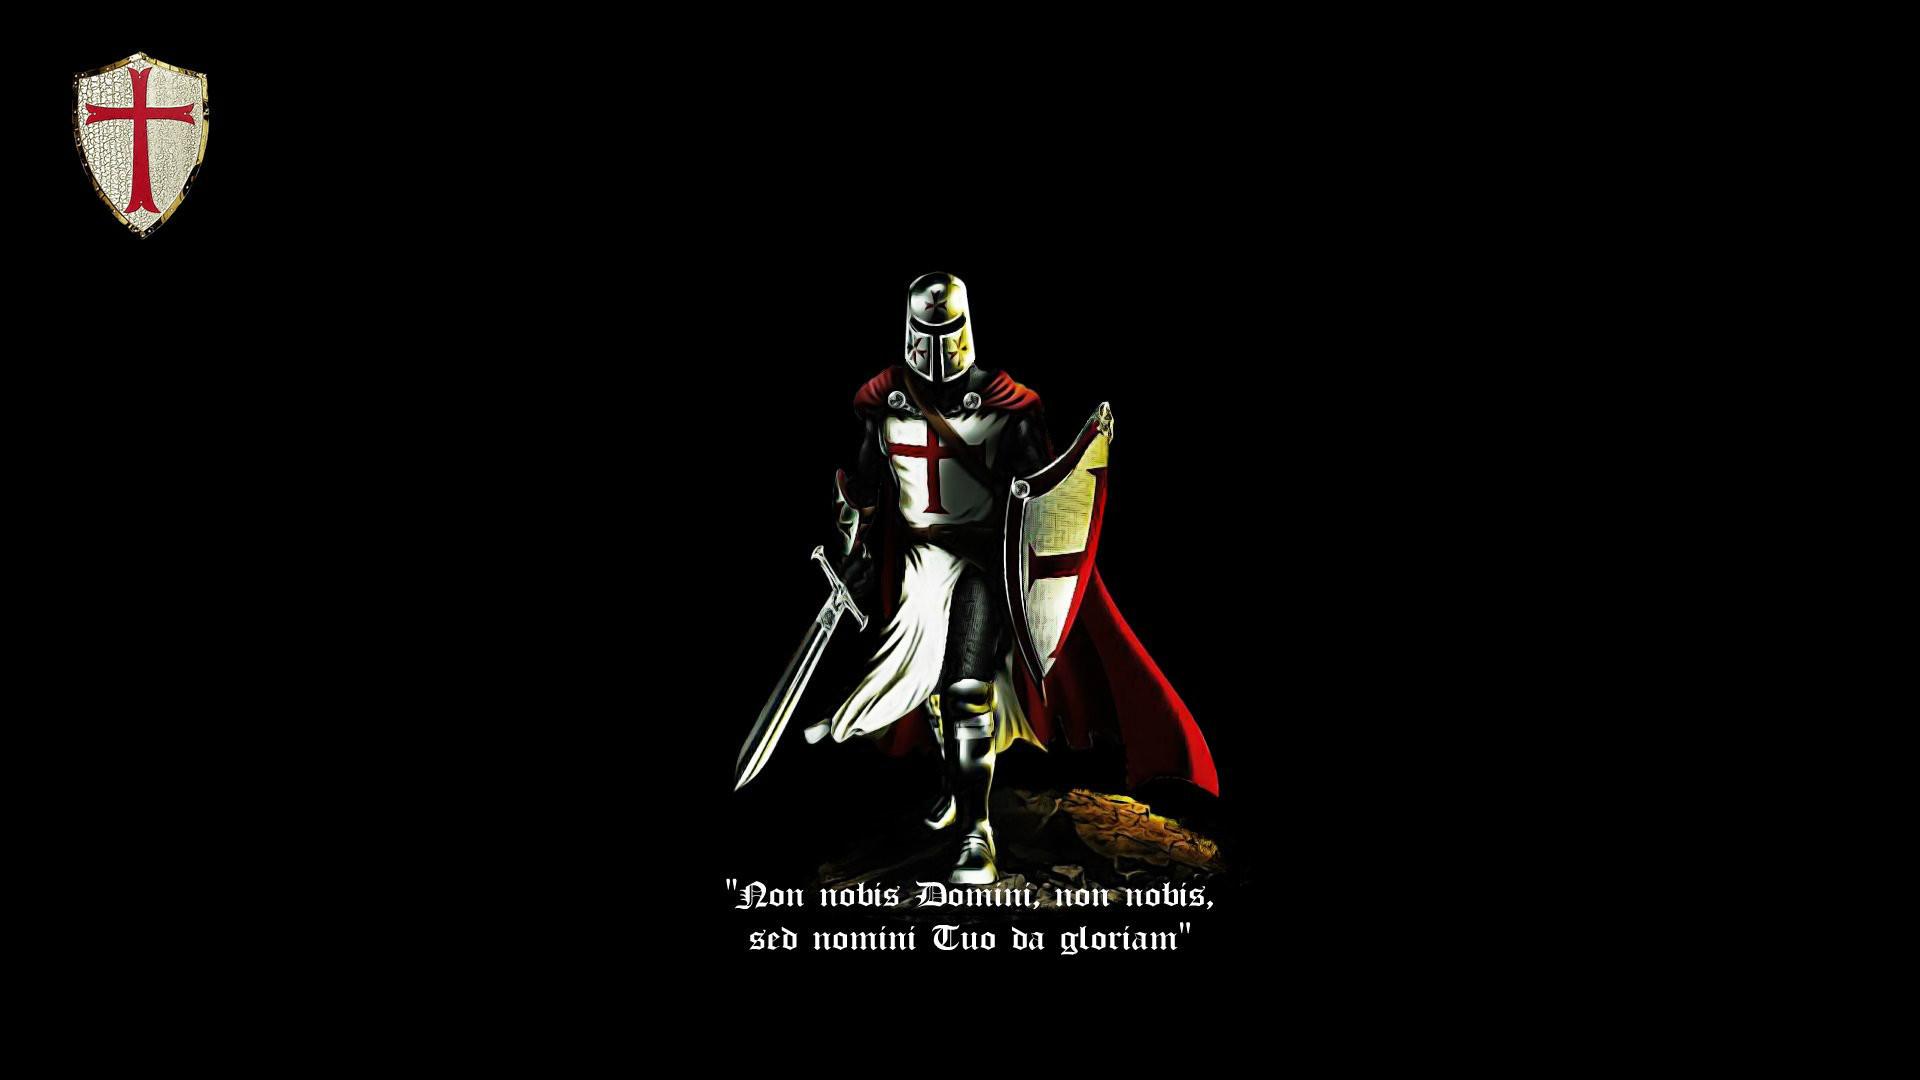 Knight, cross, knight templar, latin, crusader, cattolic, black, red